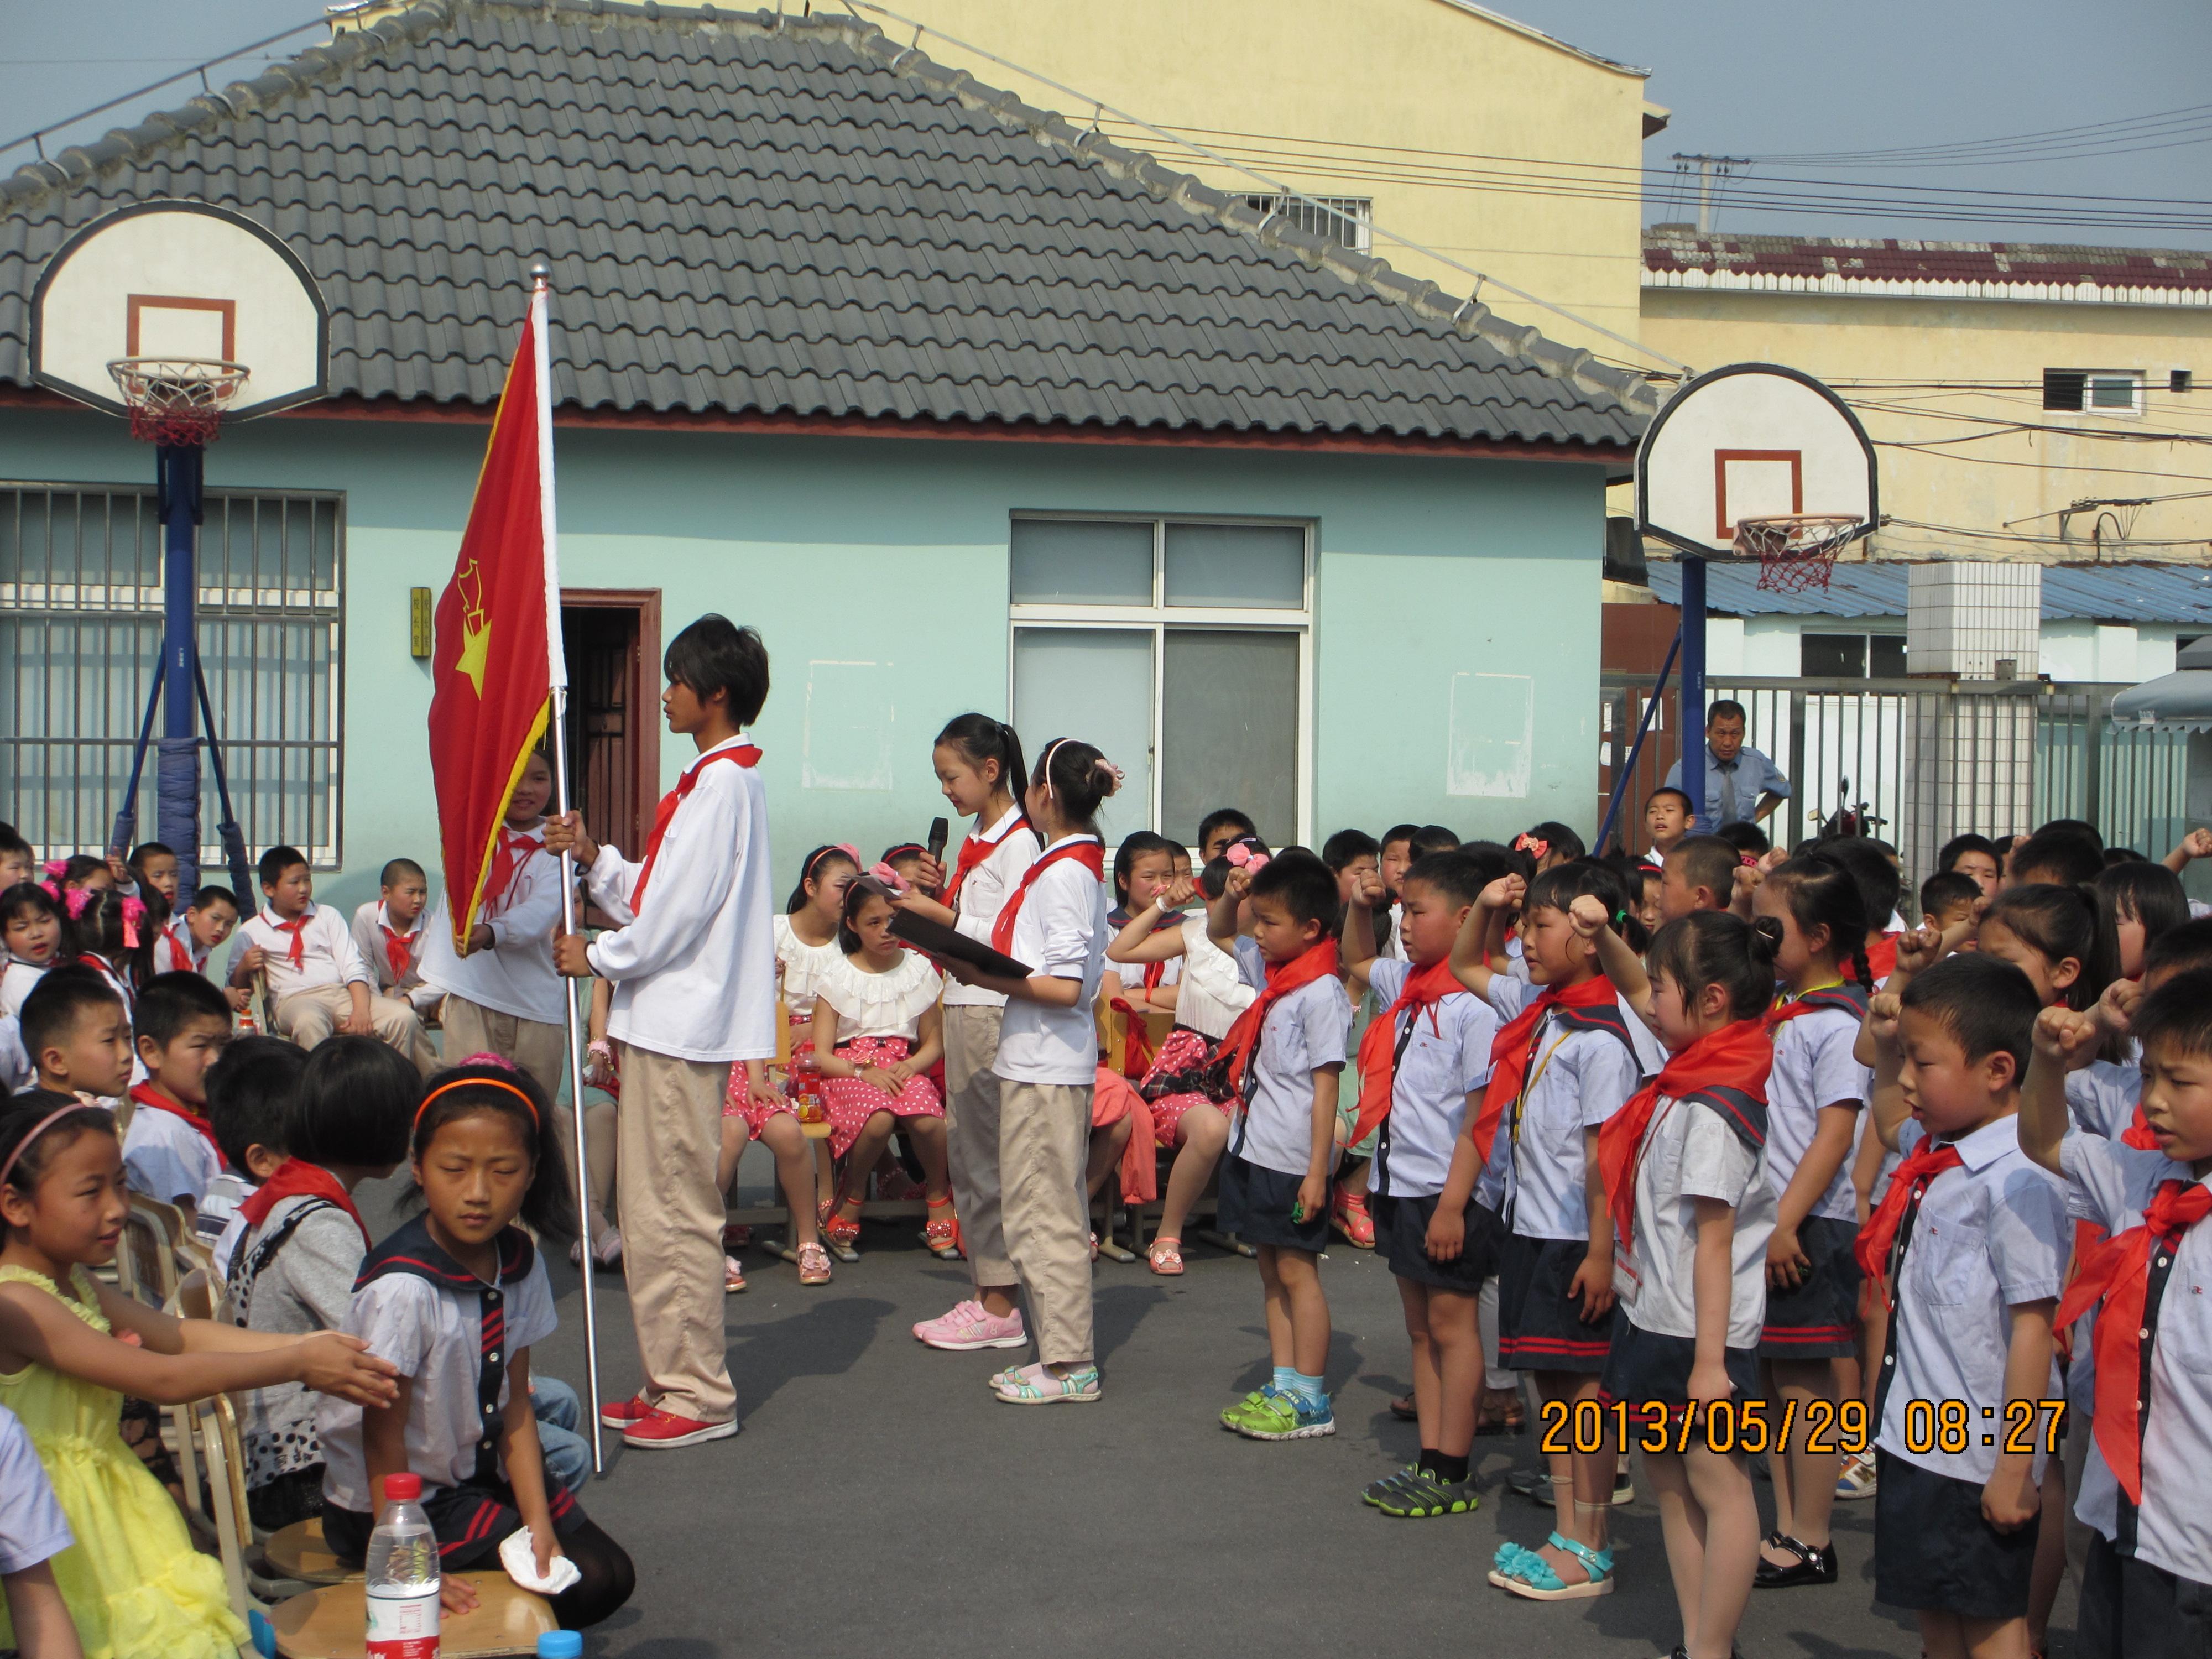 上海市松江区潘家浜小学开展今天我入队,争当小学仕宁波集港图片